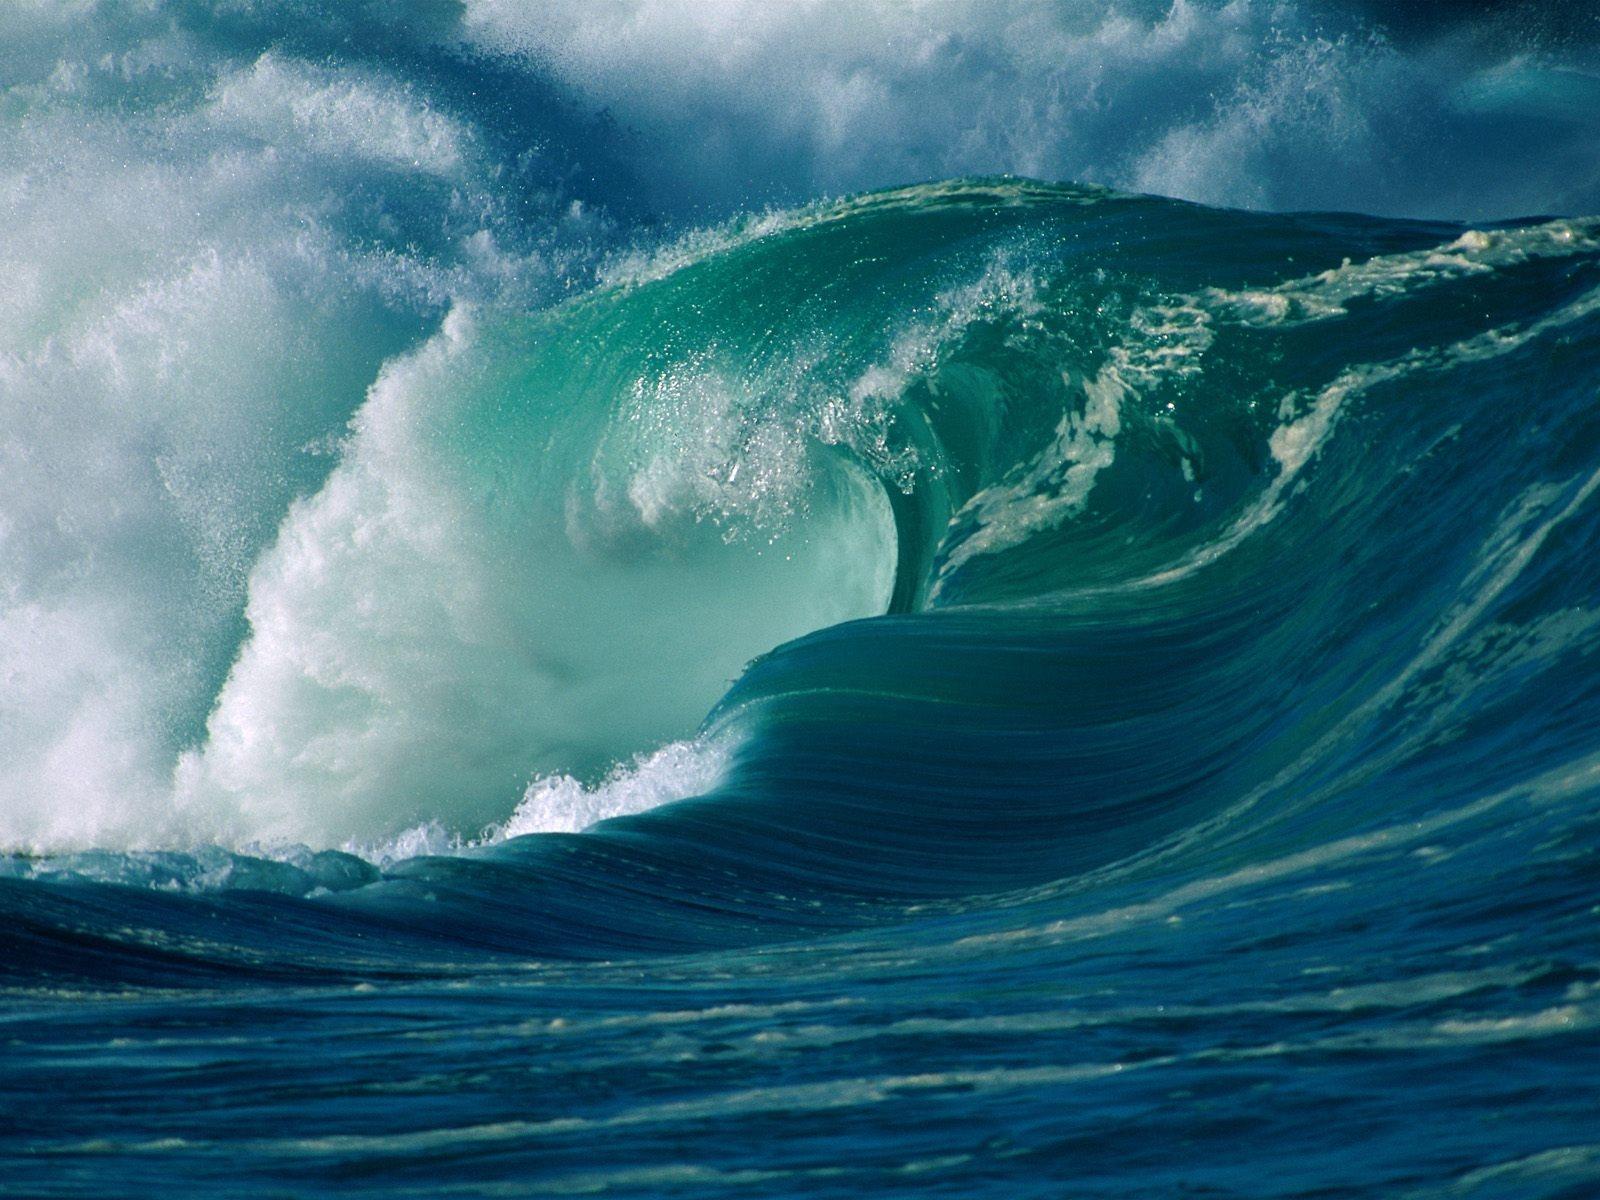 http://1.bp.blogspot.com/-k29v8gpMjnY/TtYzVp_gF9I/AAAAAAAAEUc/XntBenBWPF4/s1600/winter-surf-oahu-hawaii-----id-12378-1600x1200.jpg